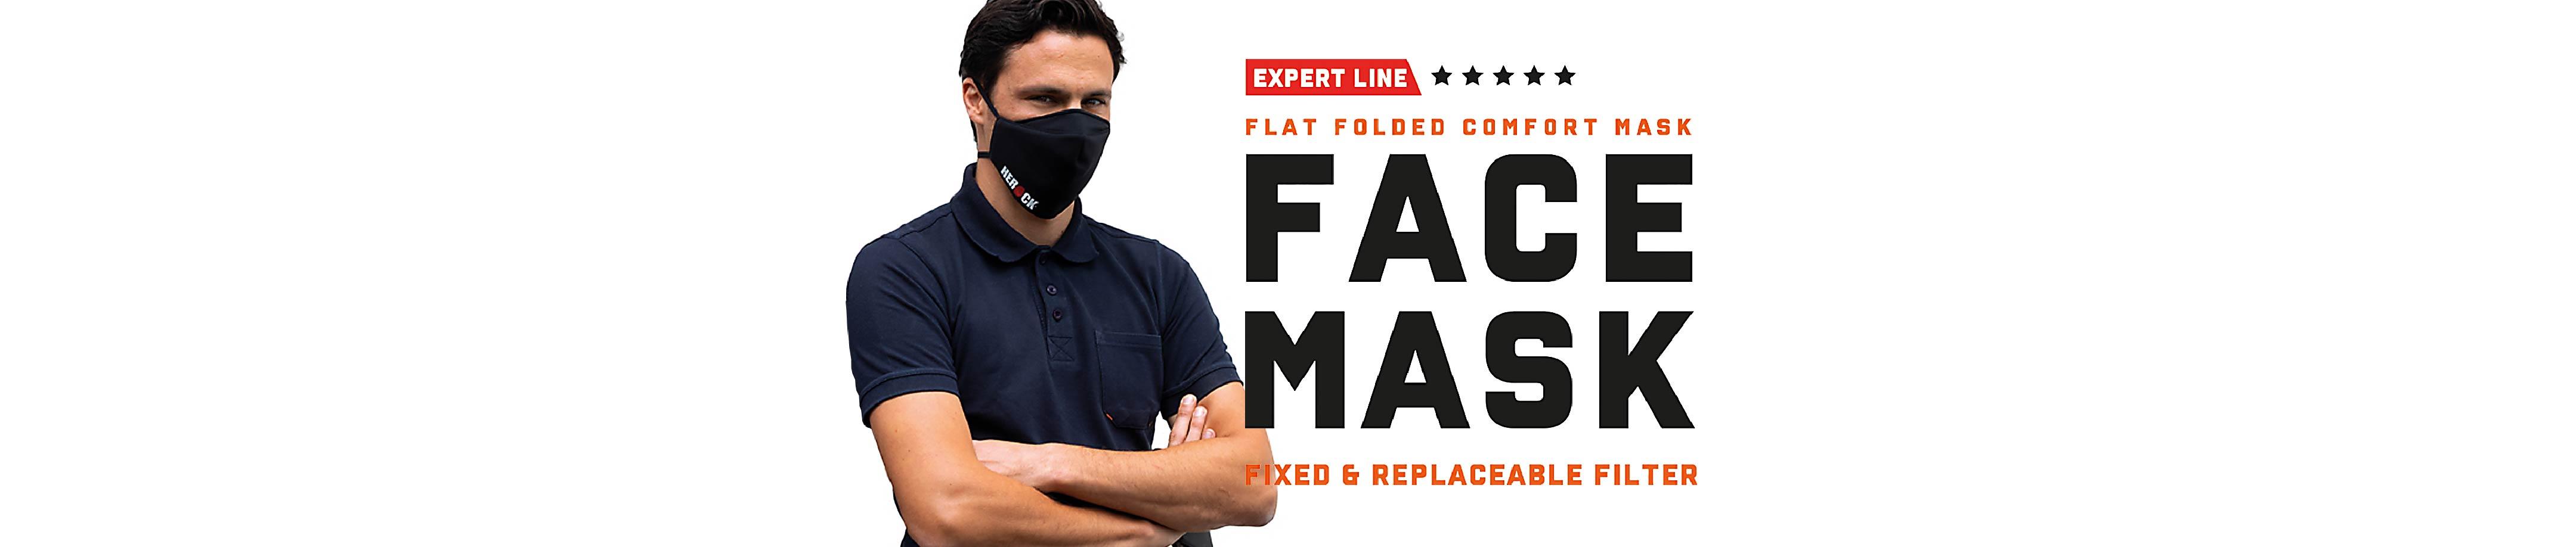 Against contamination